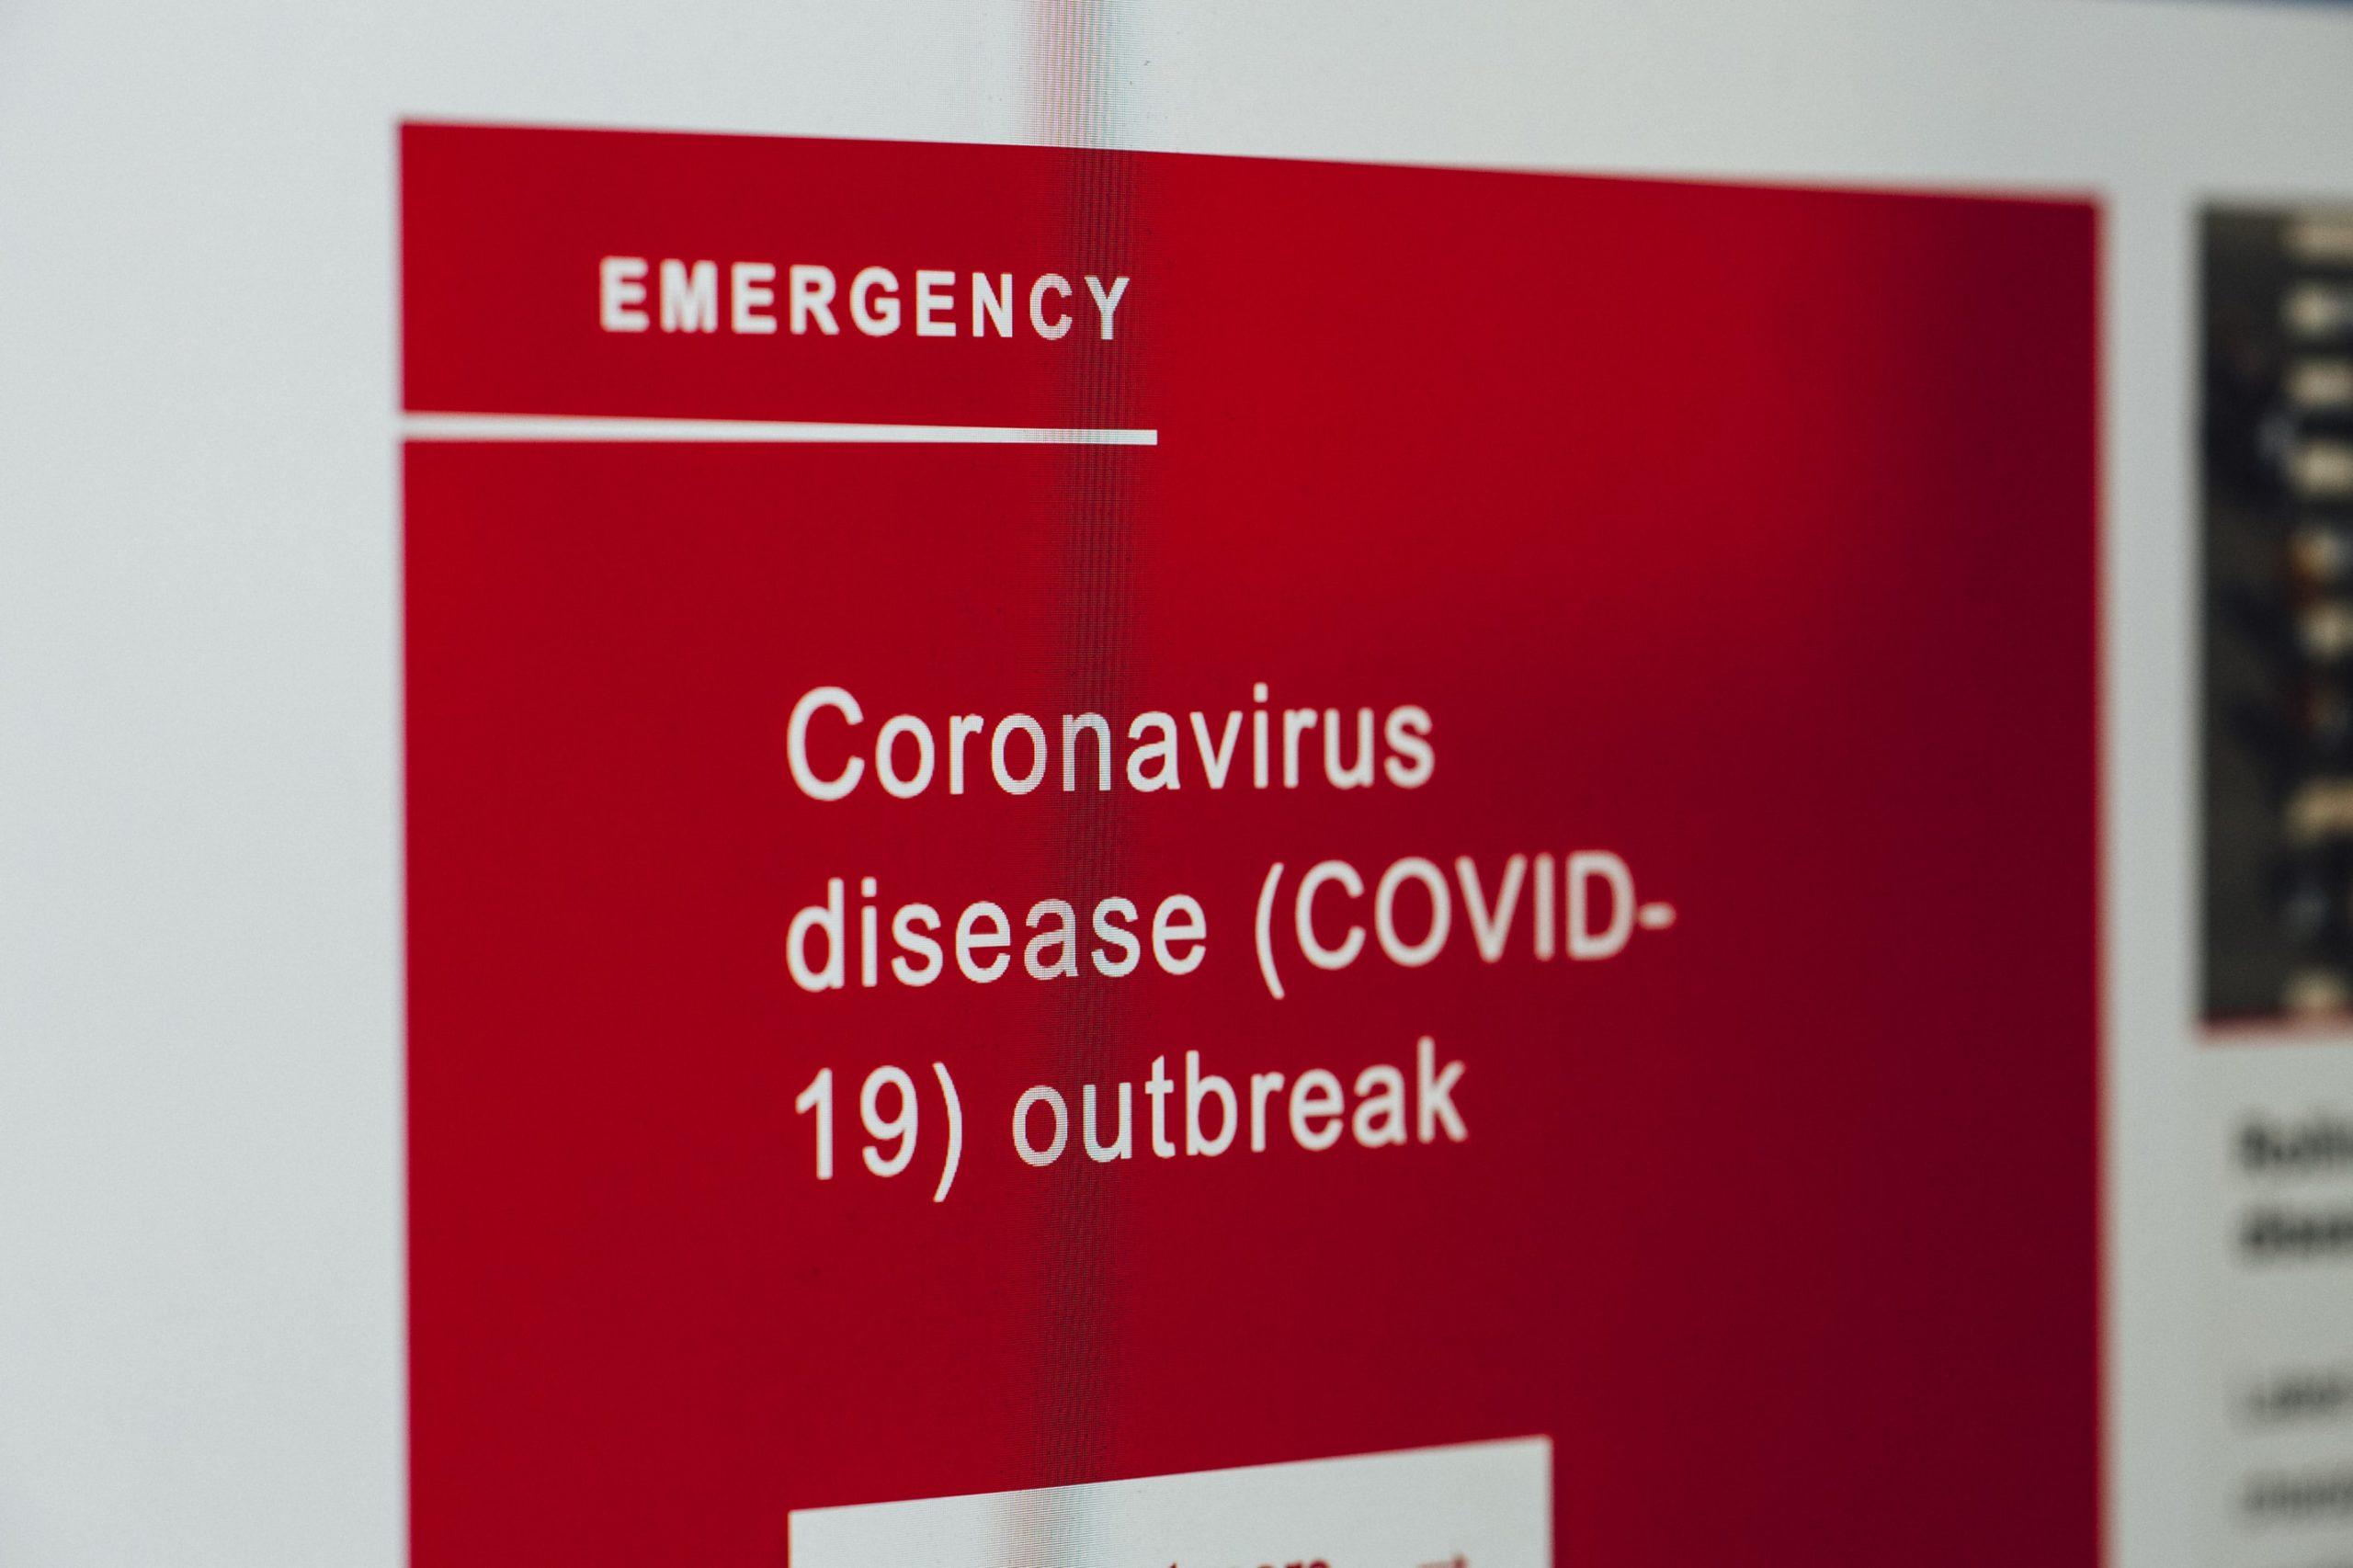 O cenário das buscas pelo termo 'Coronavirus'